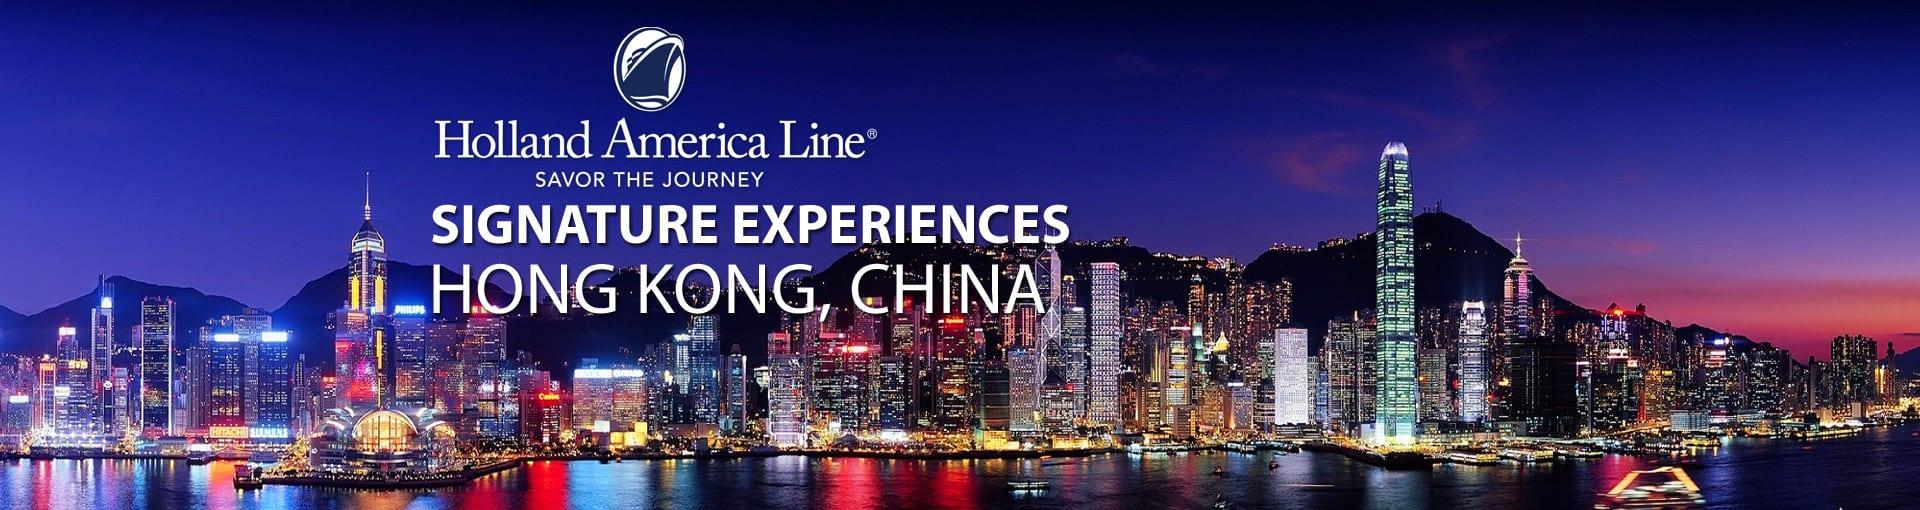 Holland America Signature Experiences - Hong Kong, China